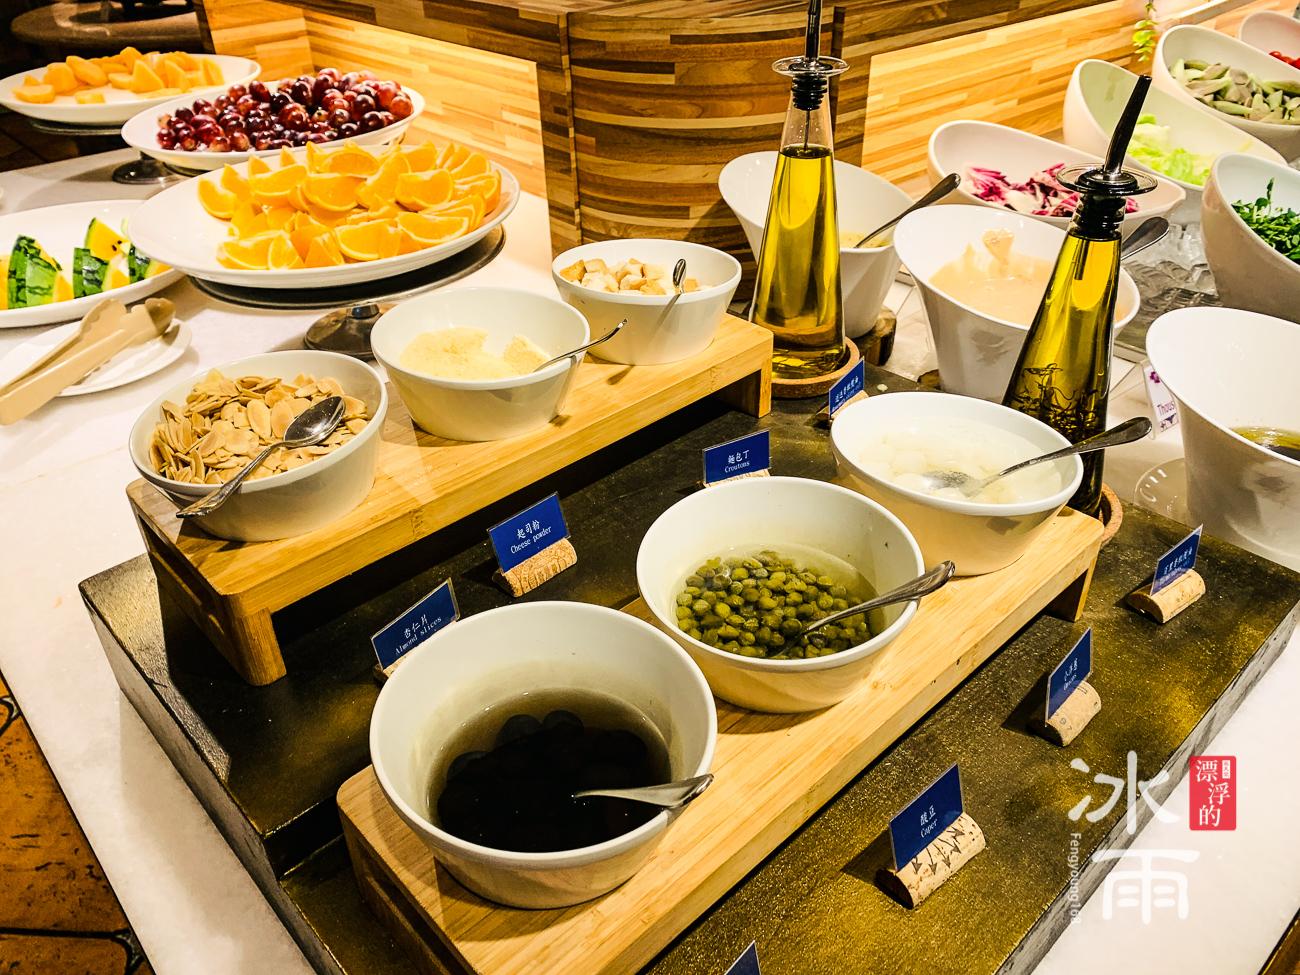 陽明山天籟溫泉會館|早餐菜色|配料